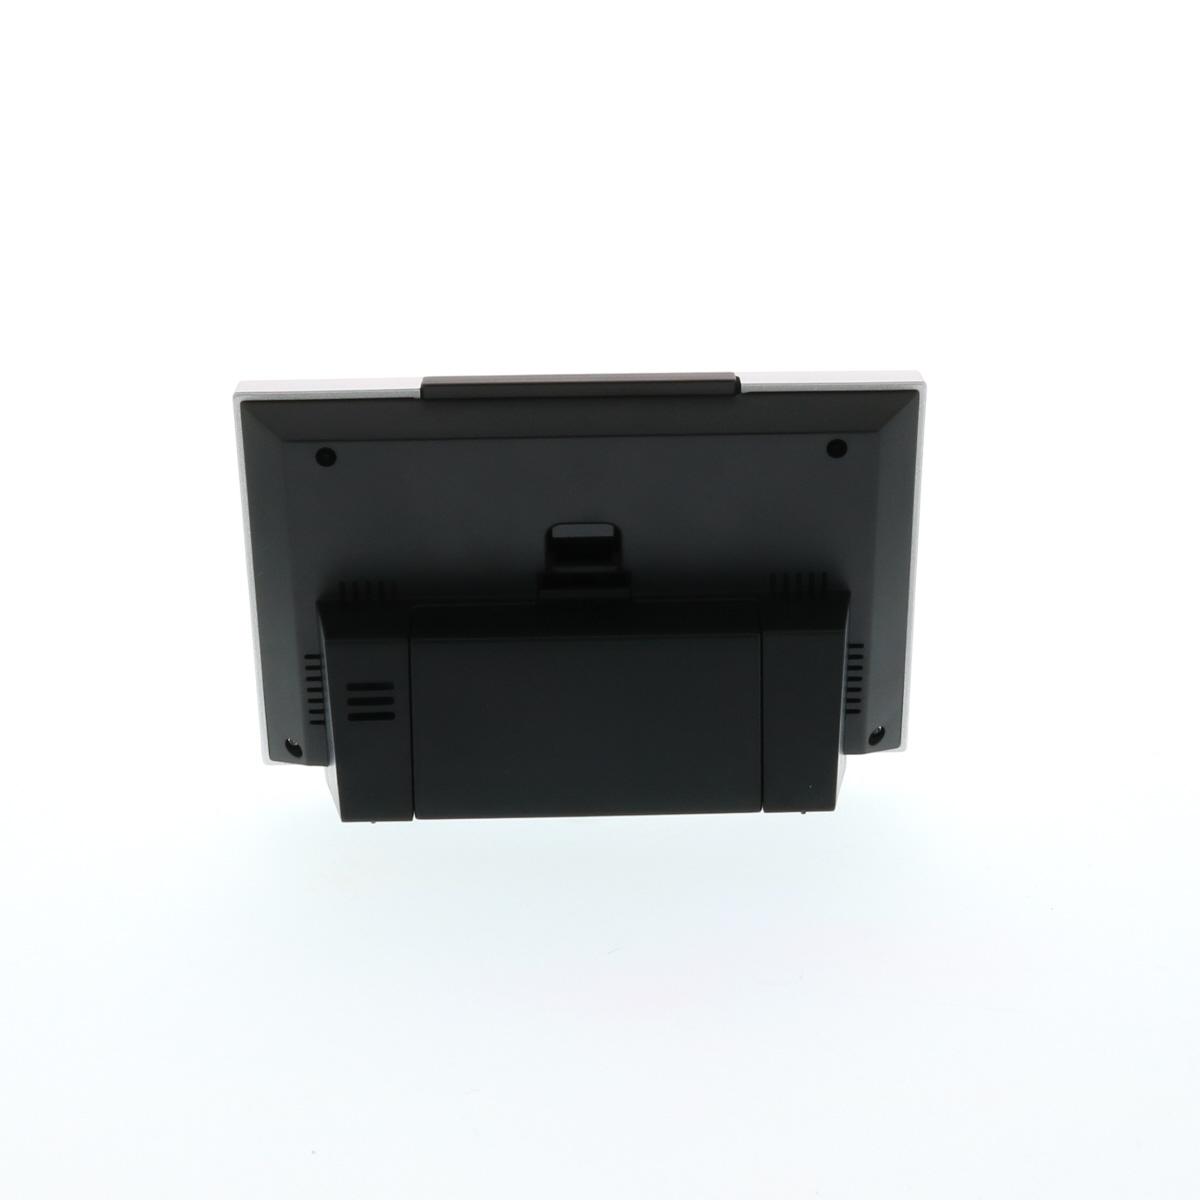 セイコークロック デジタル電波時計 卓上 SQ780S